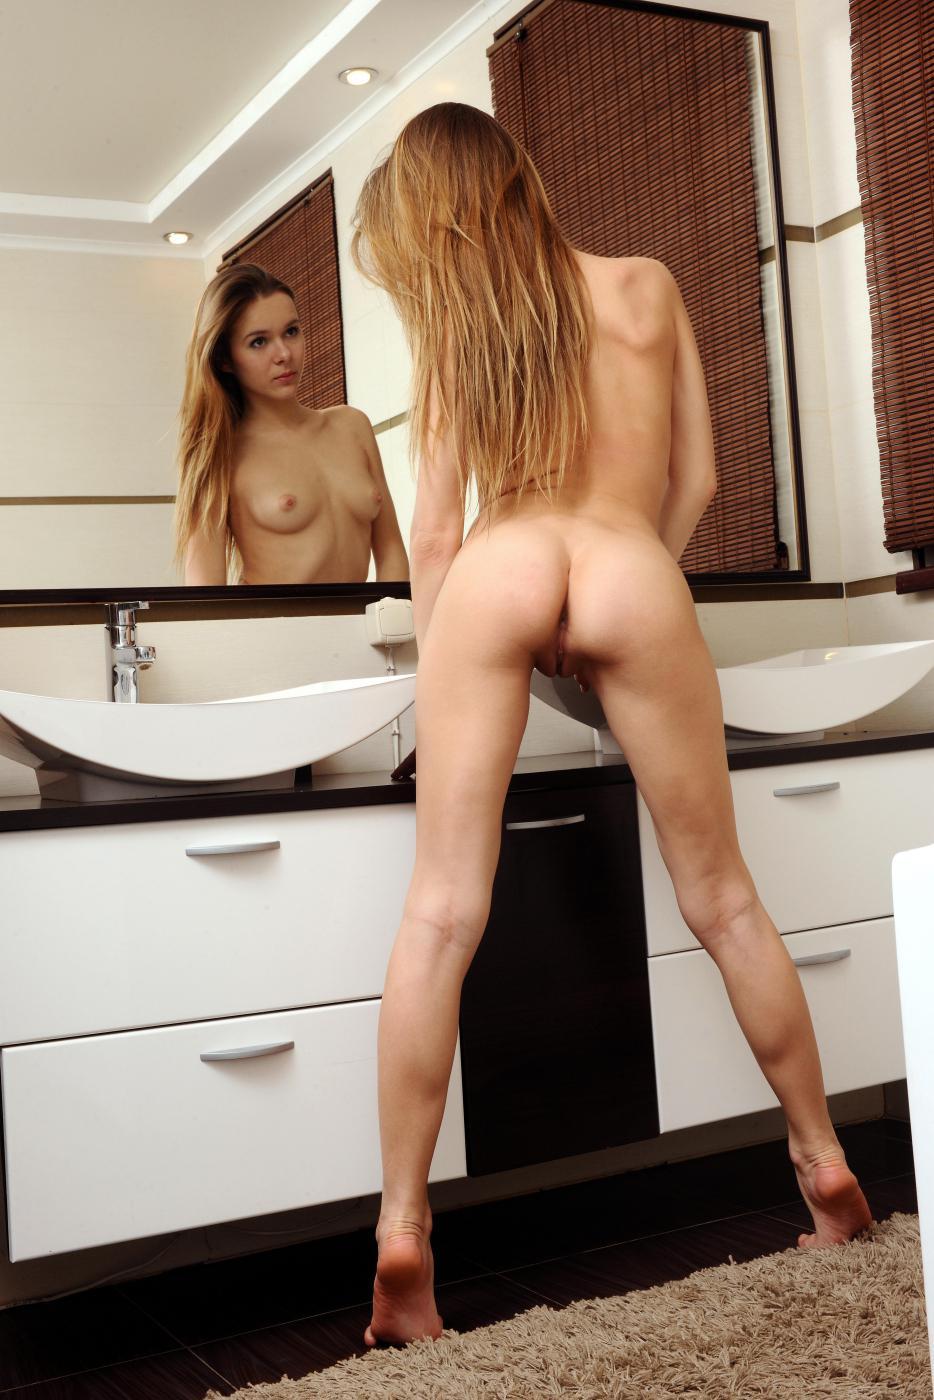 Высокая и симпатичная брюнетка Dana P всегда готова показать свои прелести